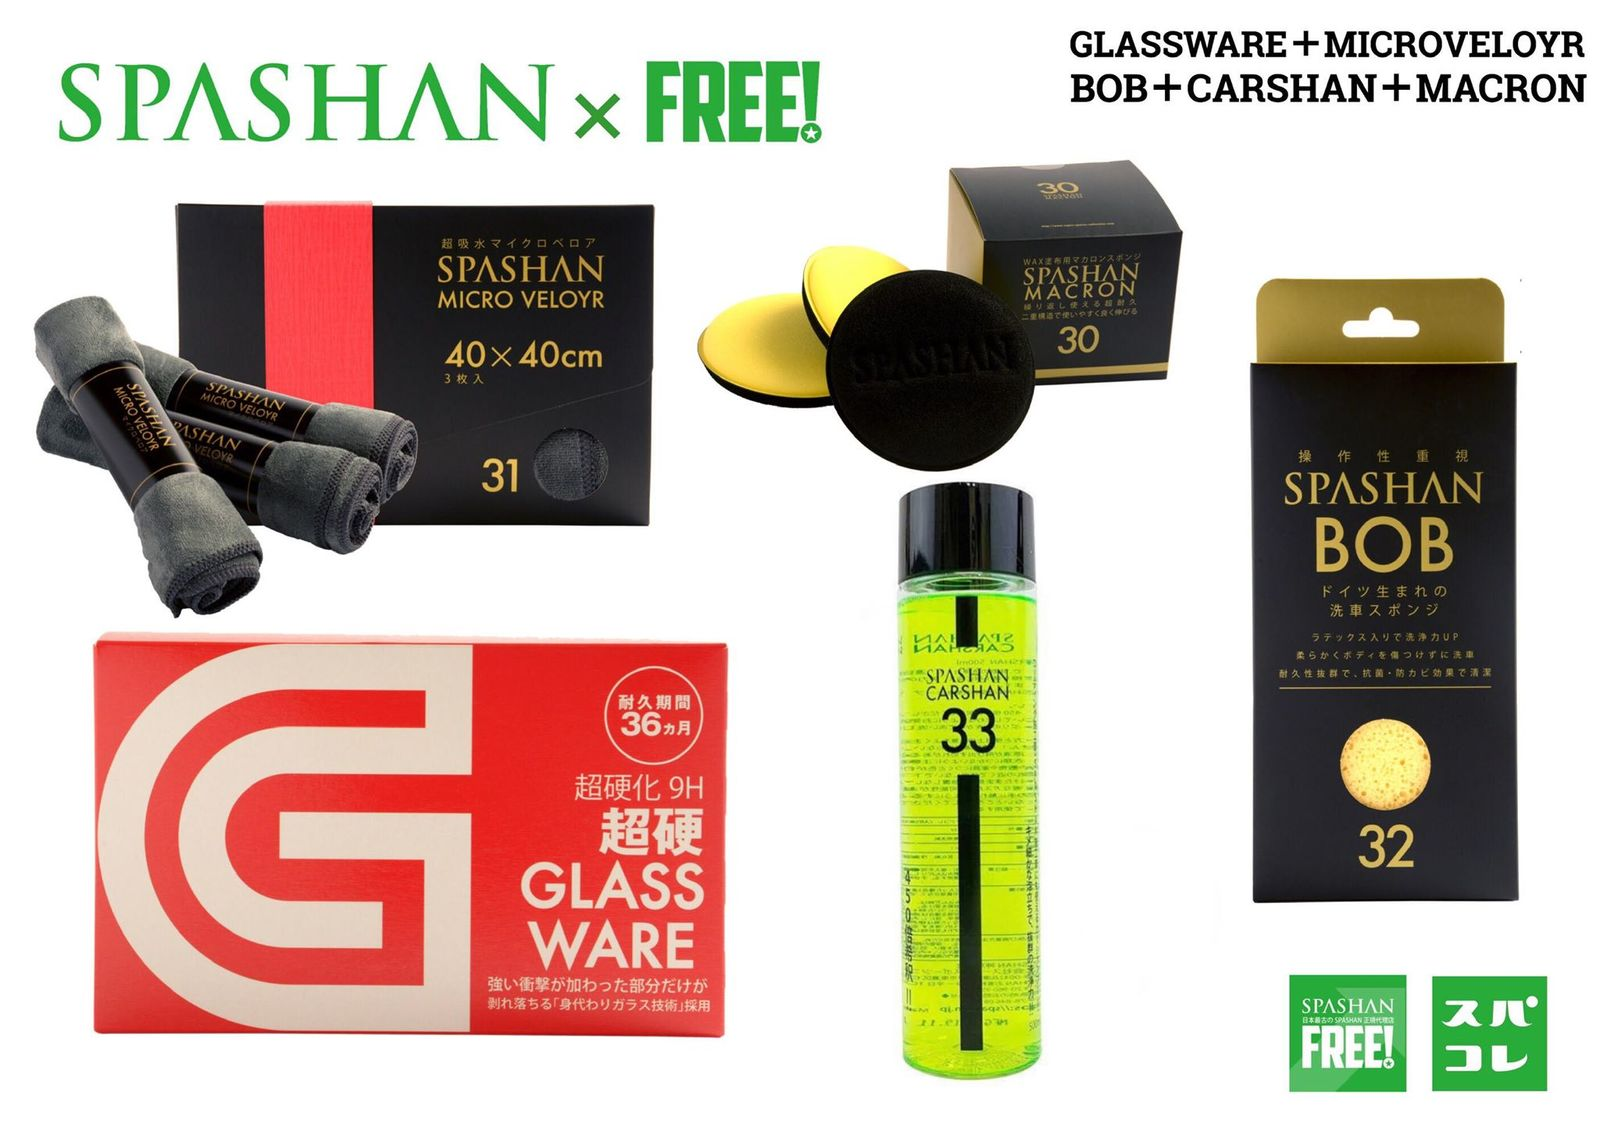 SPASHANFREEオフィシャル グラスウェア 9H & ボブ & マイクロベロア & カーシャン & マカロン SET SPASHAN スパシャン 洗車 カーケア コーティング剤 GLASSWARE